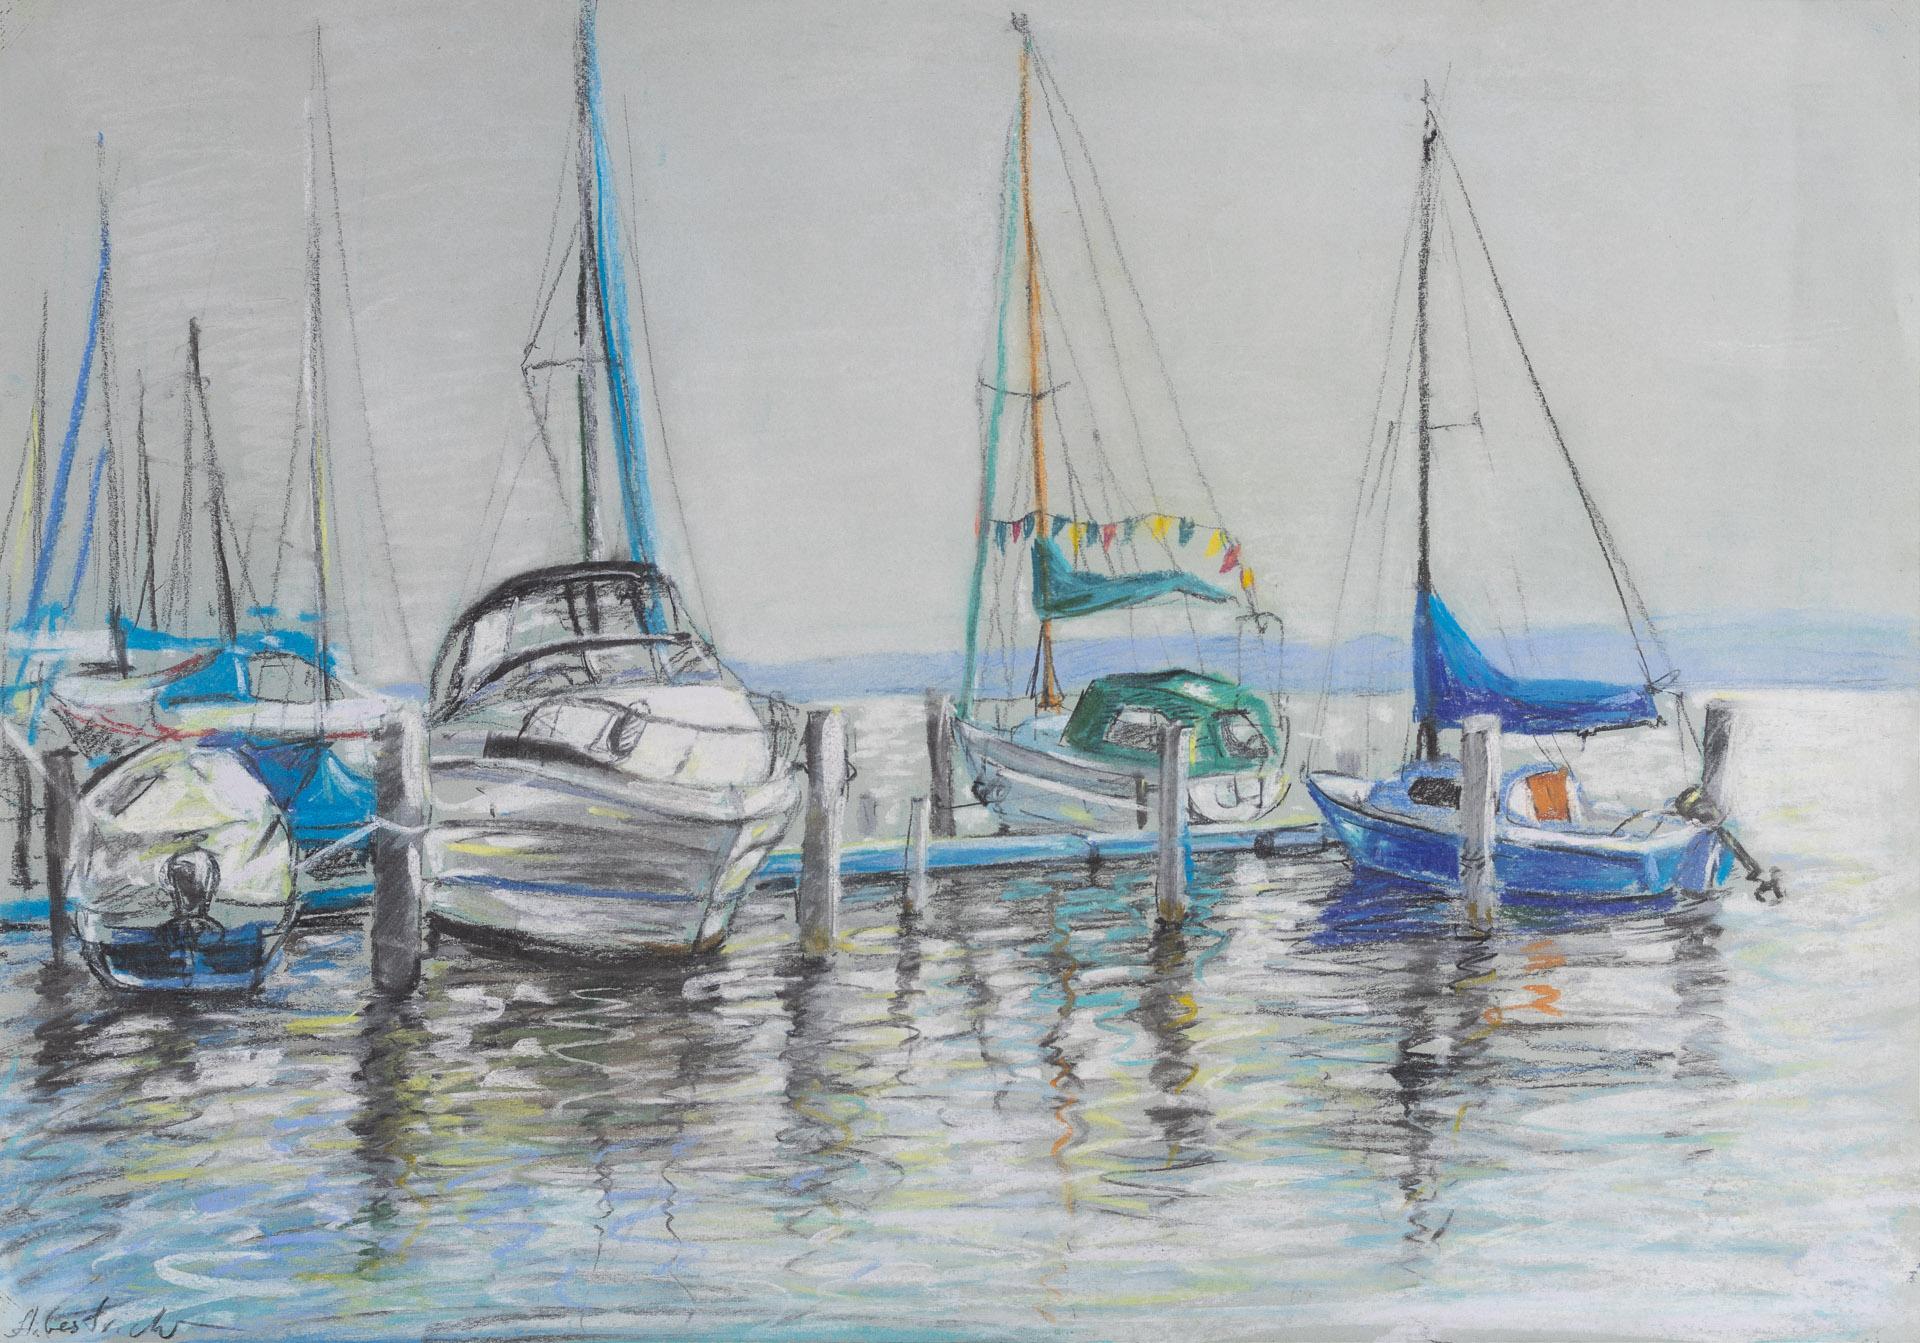 Anna Gestrich – Malerei | Havel – Boote